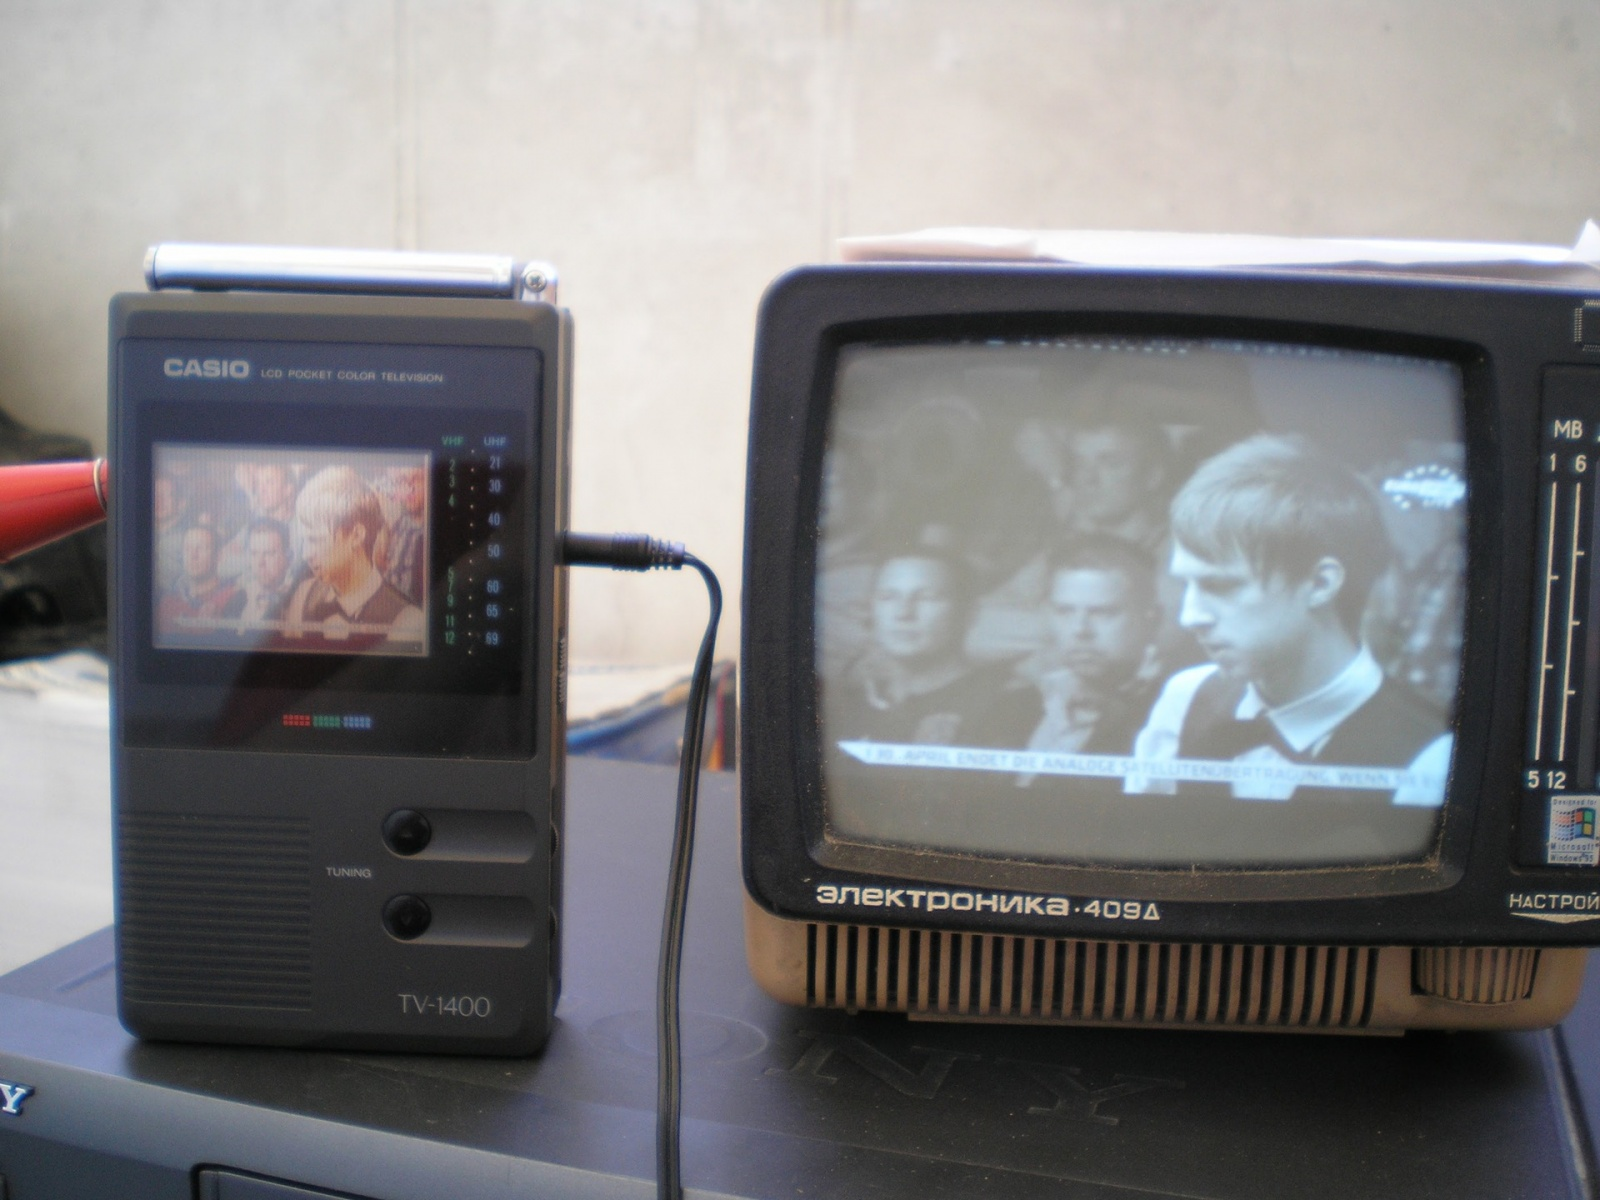 Отключение аналогового спутникового ТВ: 4 года спустя (часть 2) - 5